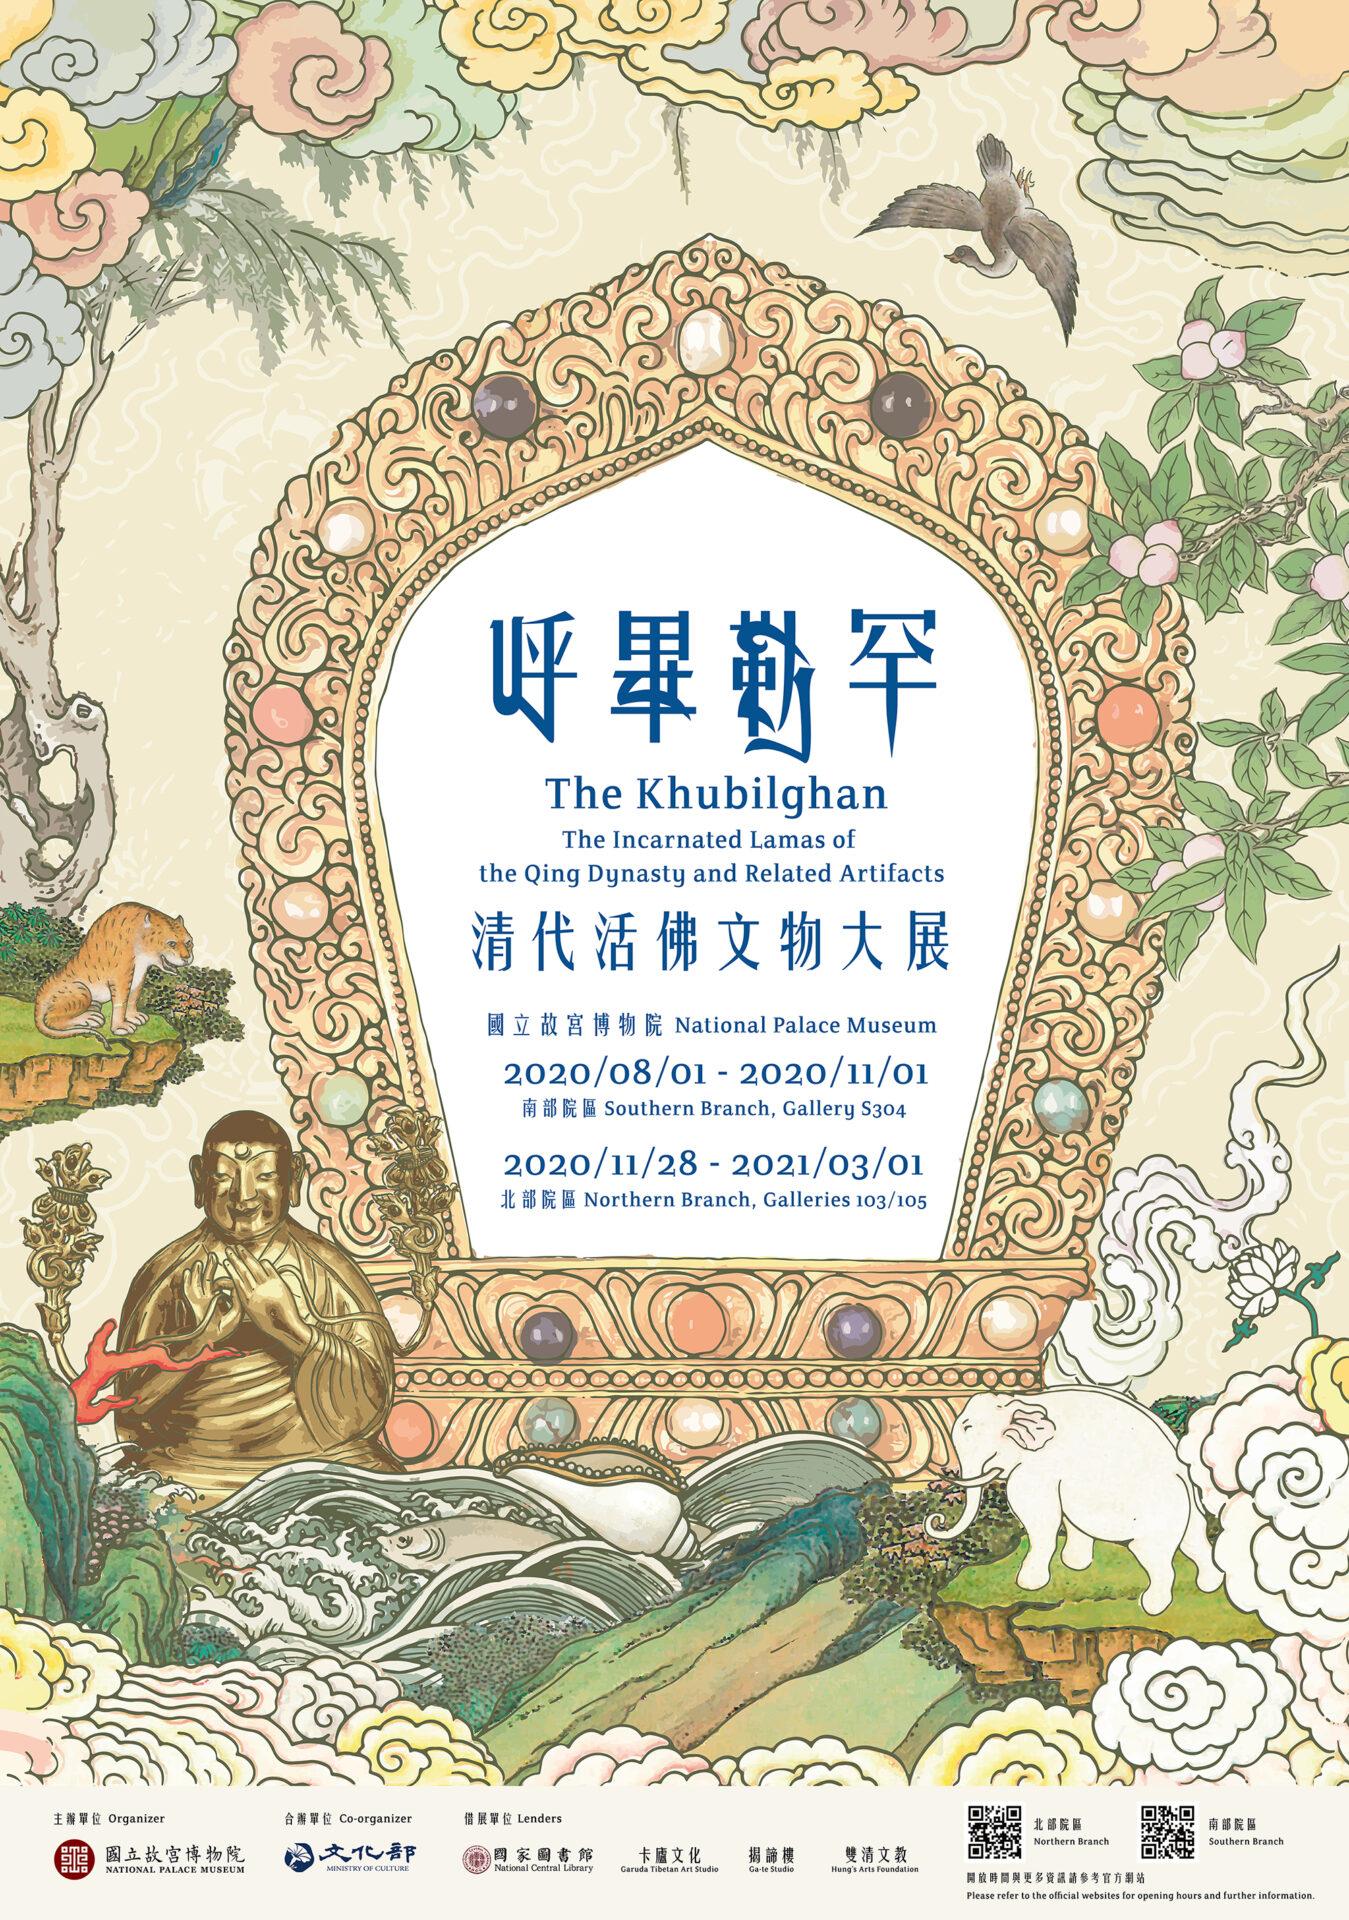 國立故宮博物院:2020/11/28-2021/3/1【呼畢勒罕-清代活佛文物大展】